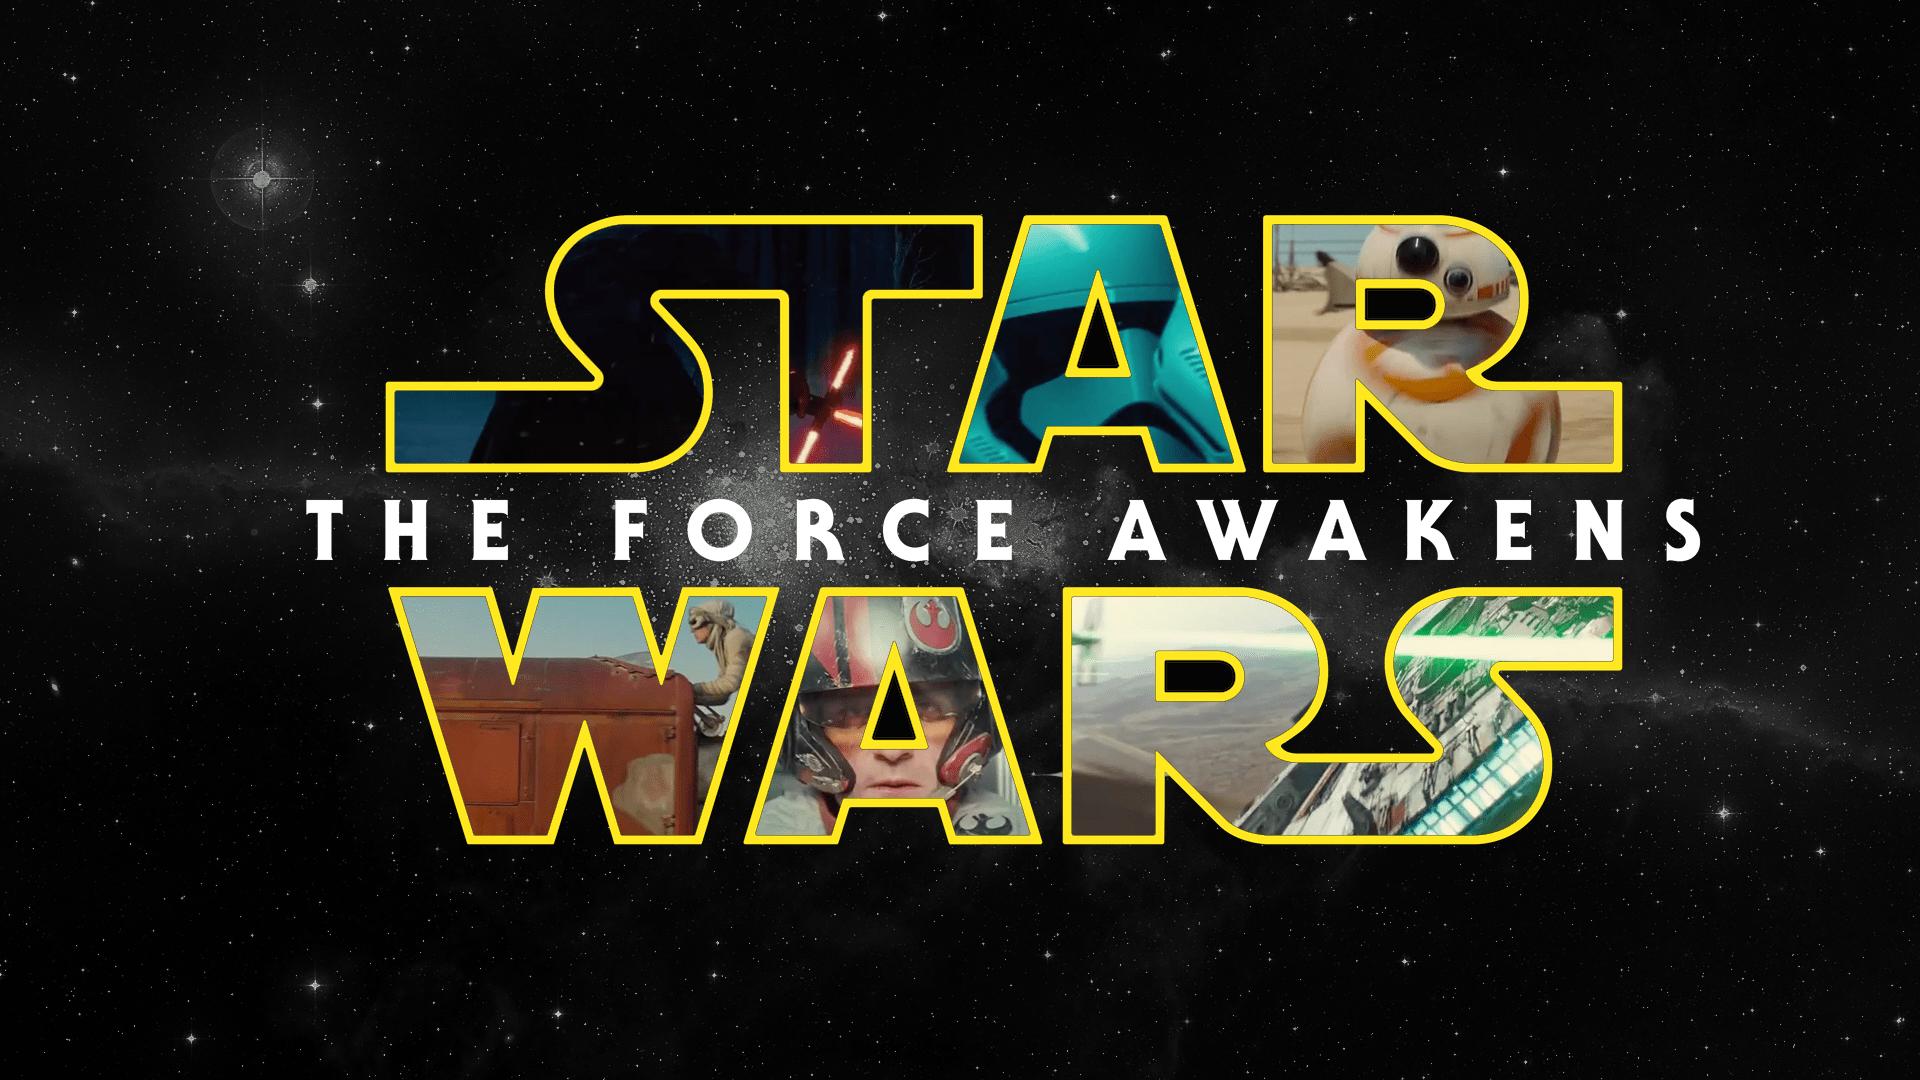 https://i2.wp.com/images.huffingtonpost.com/2015-12-16-1450300622-8118374-Star_Wars.png